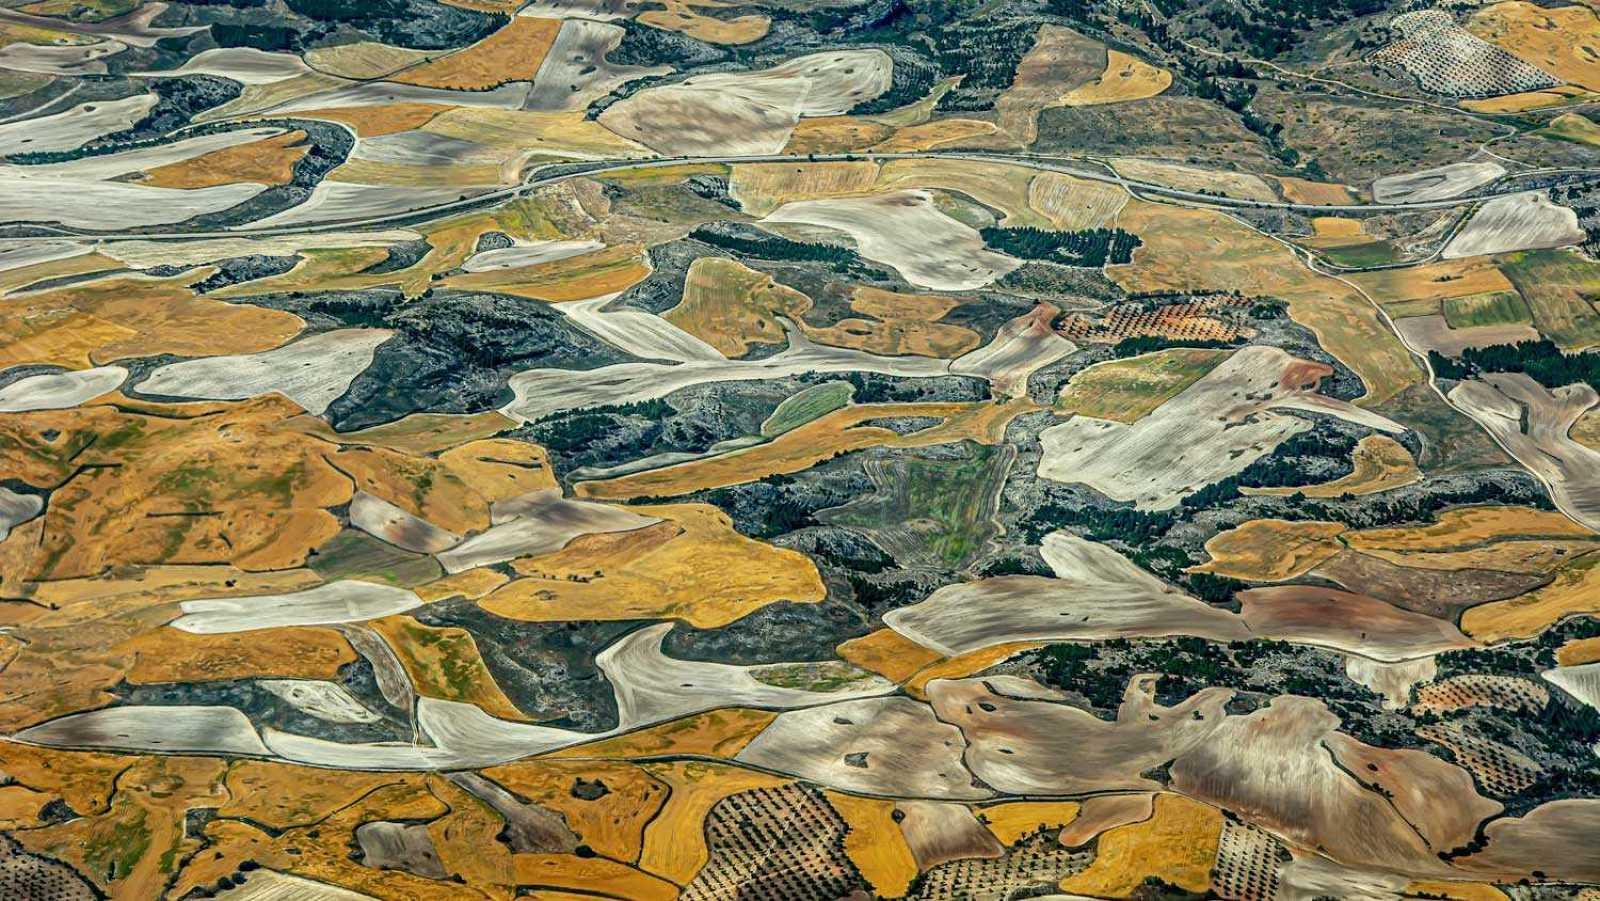 Una exposición de fotografías aéreas denuncia el impacto del hombre en la Tierra